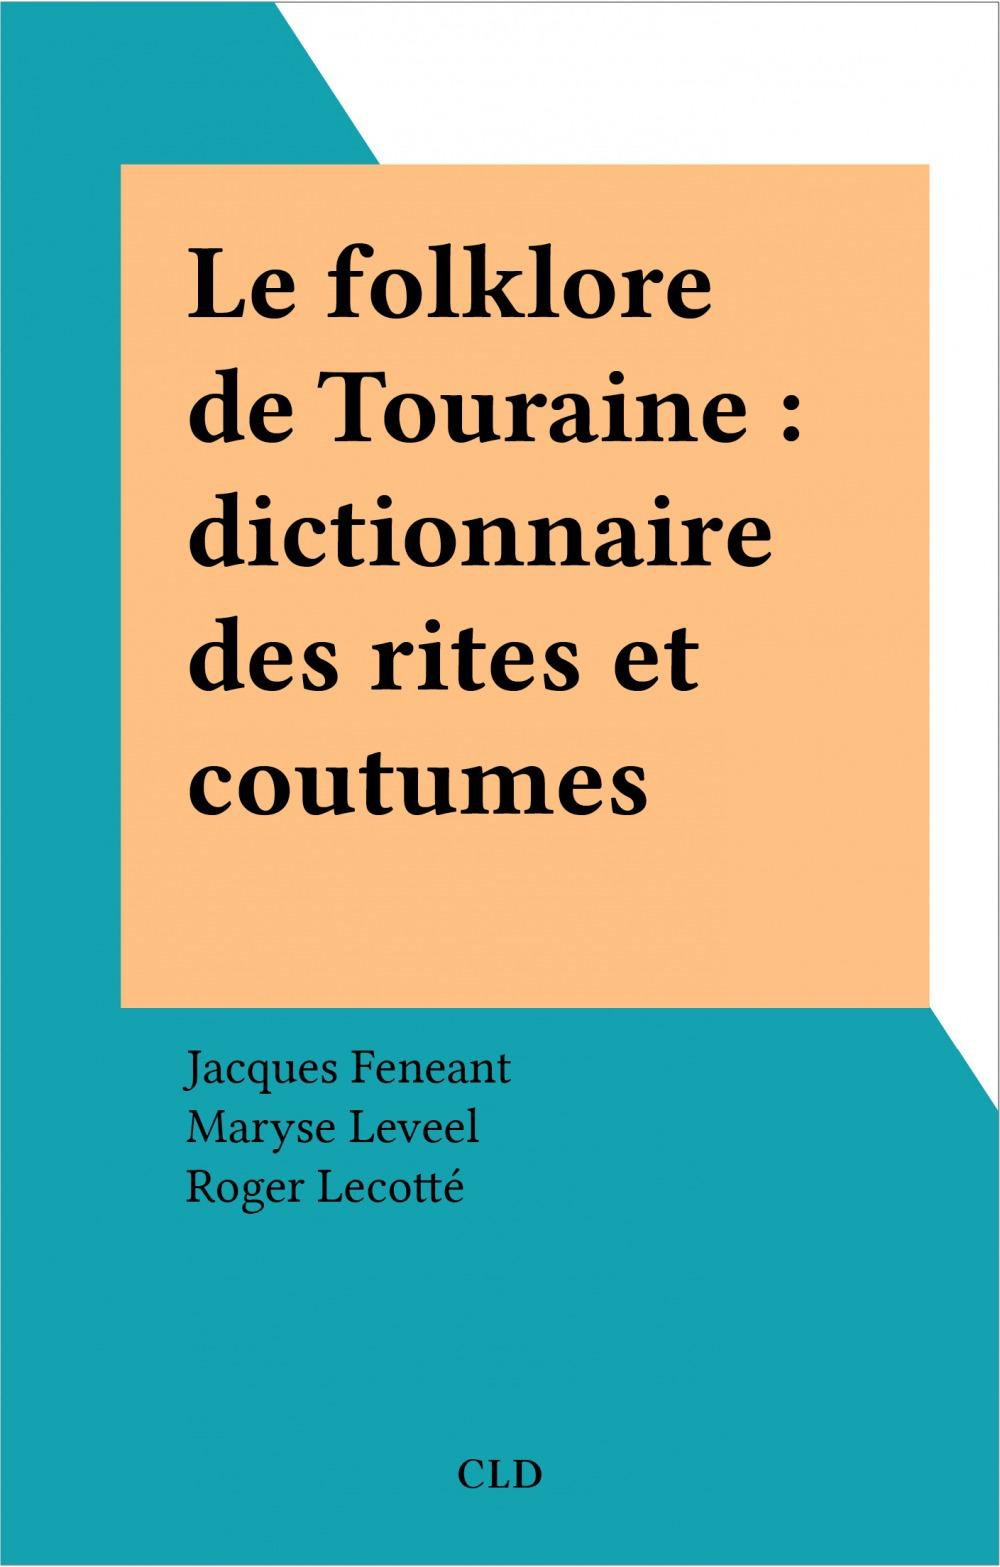 Le folklore de Touraine : dictionnaire des rites et coutumes